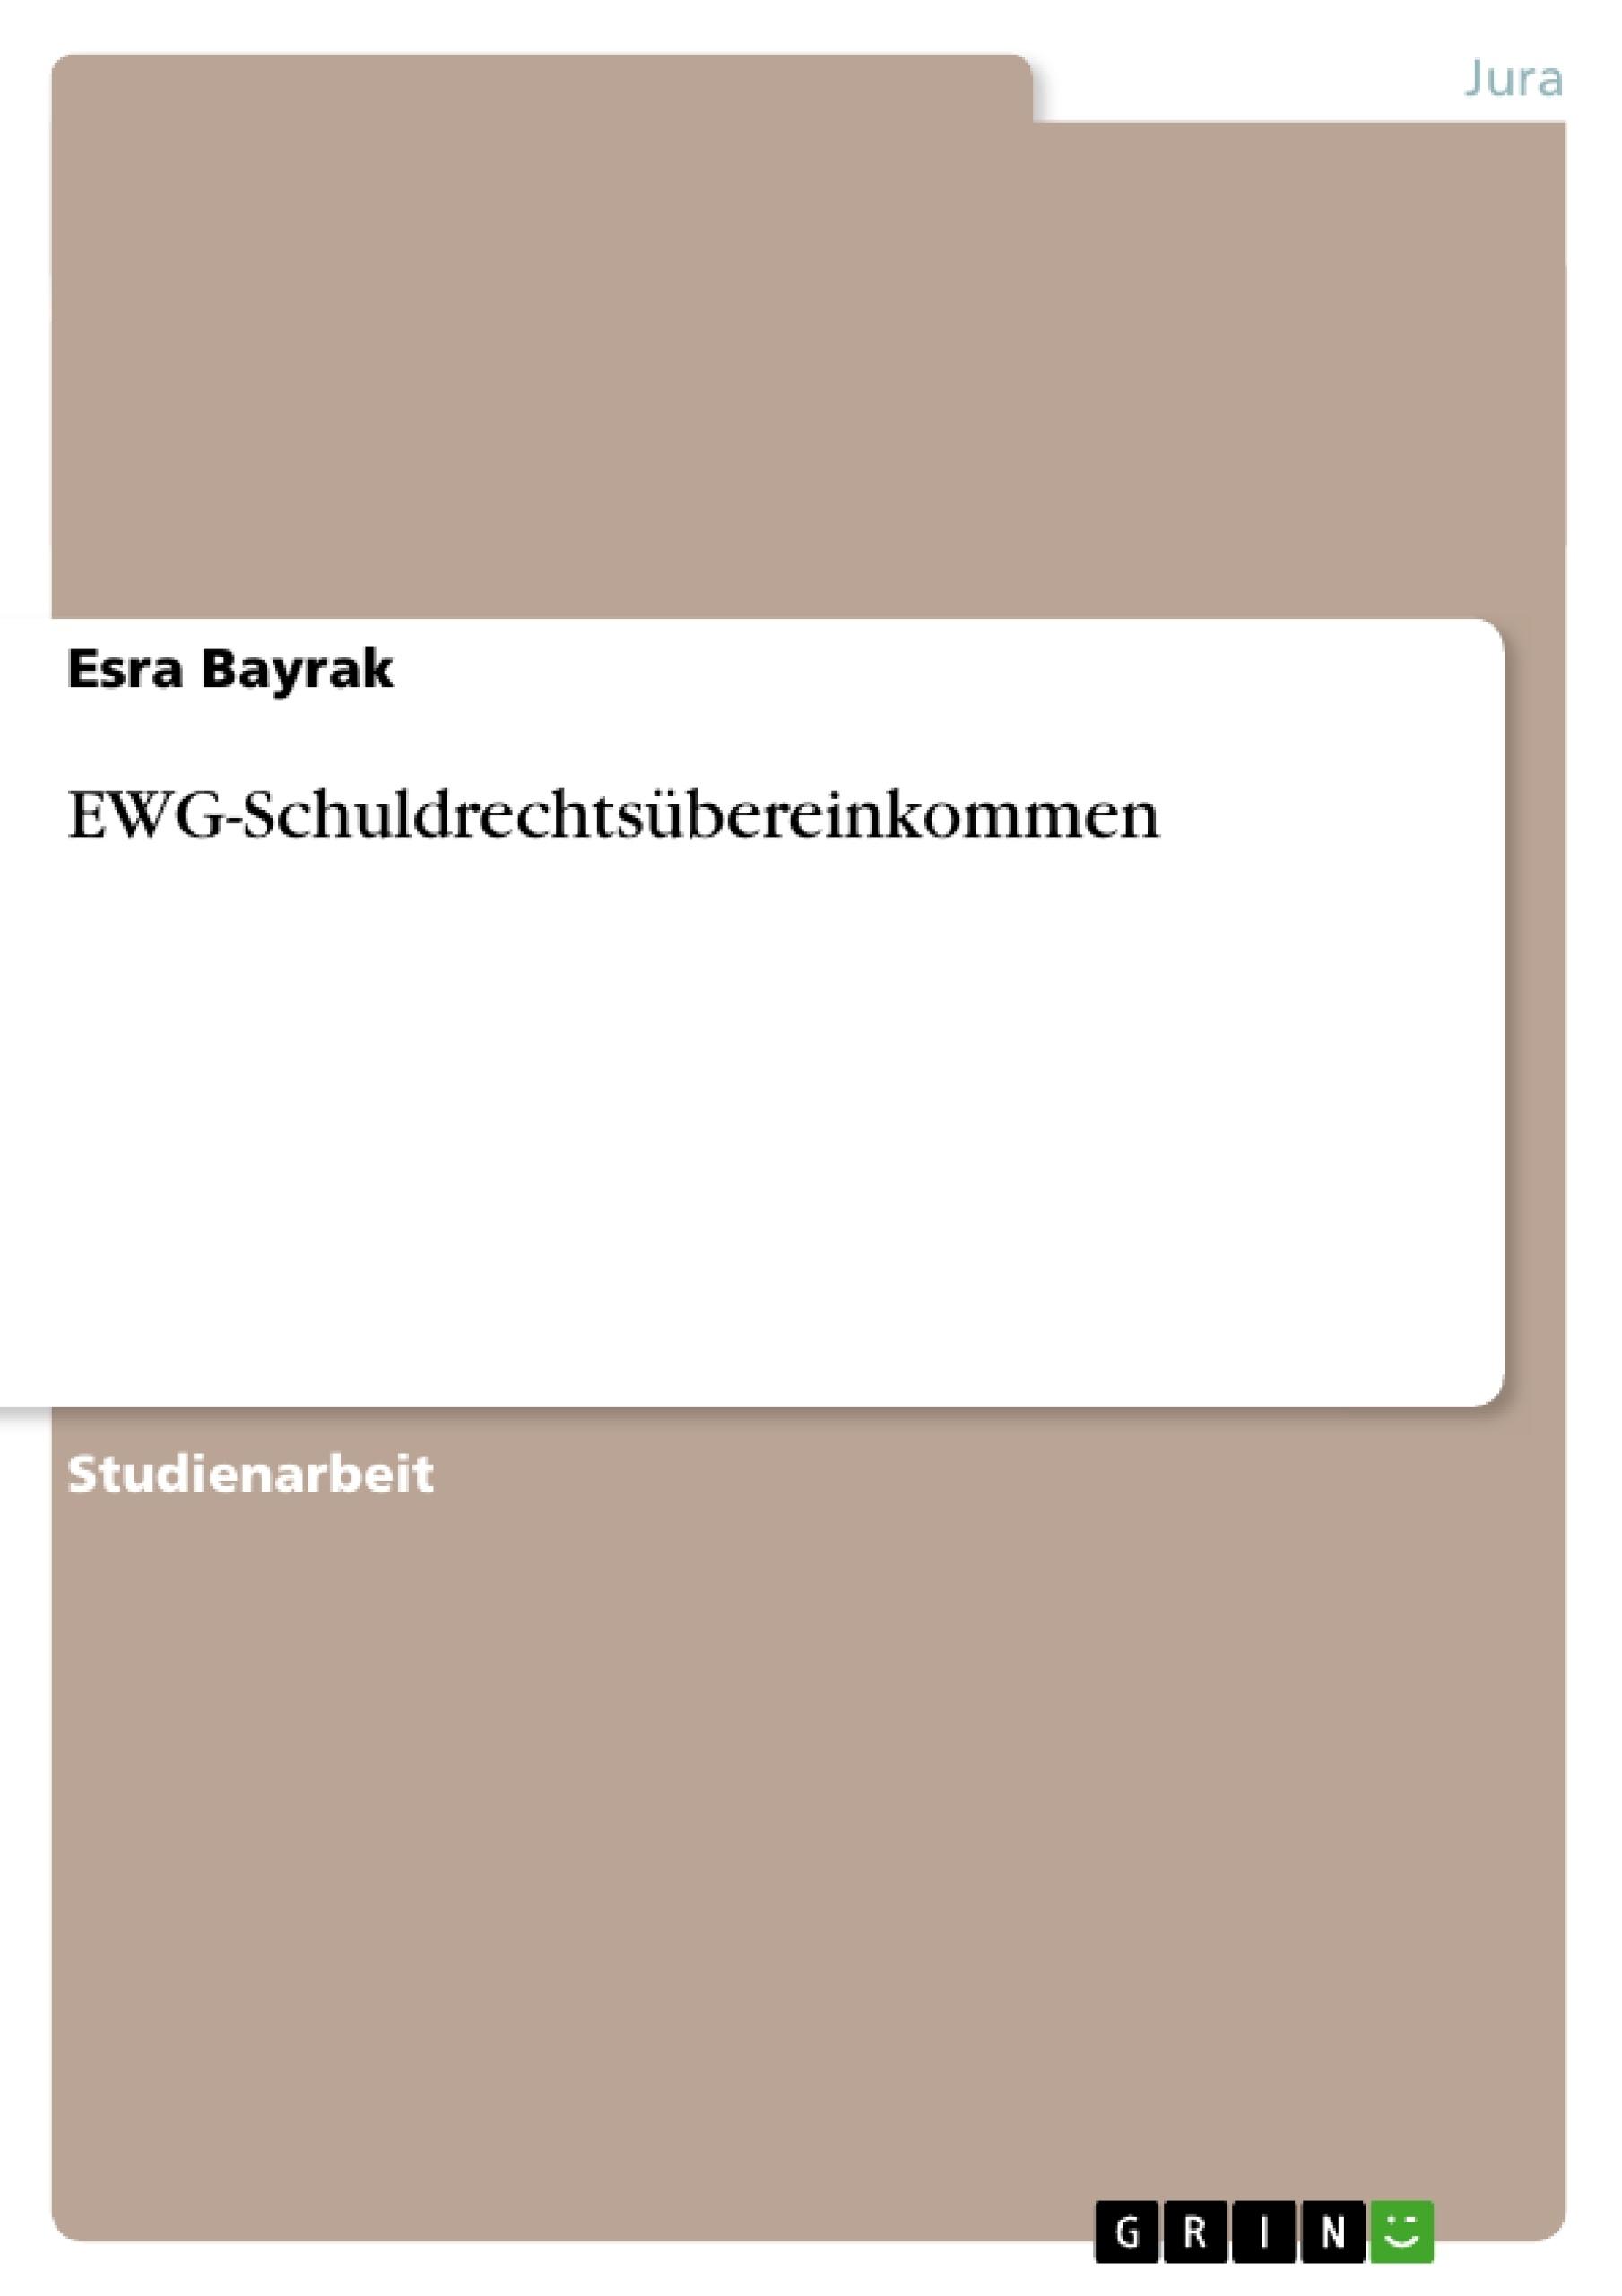 Titel: EWG-Schuldrechtsübereinkommen